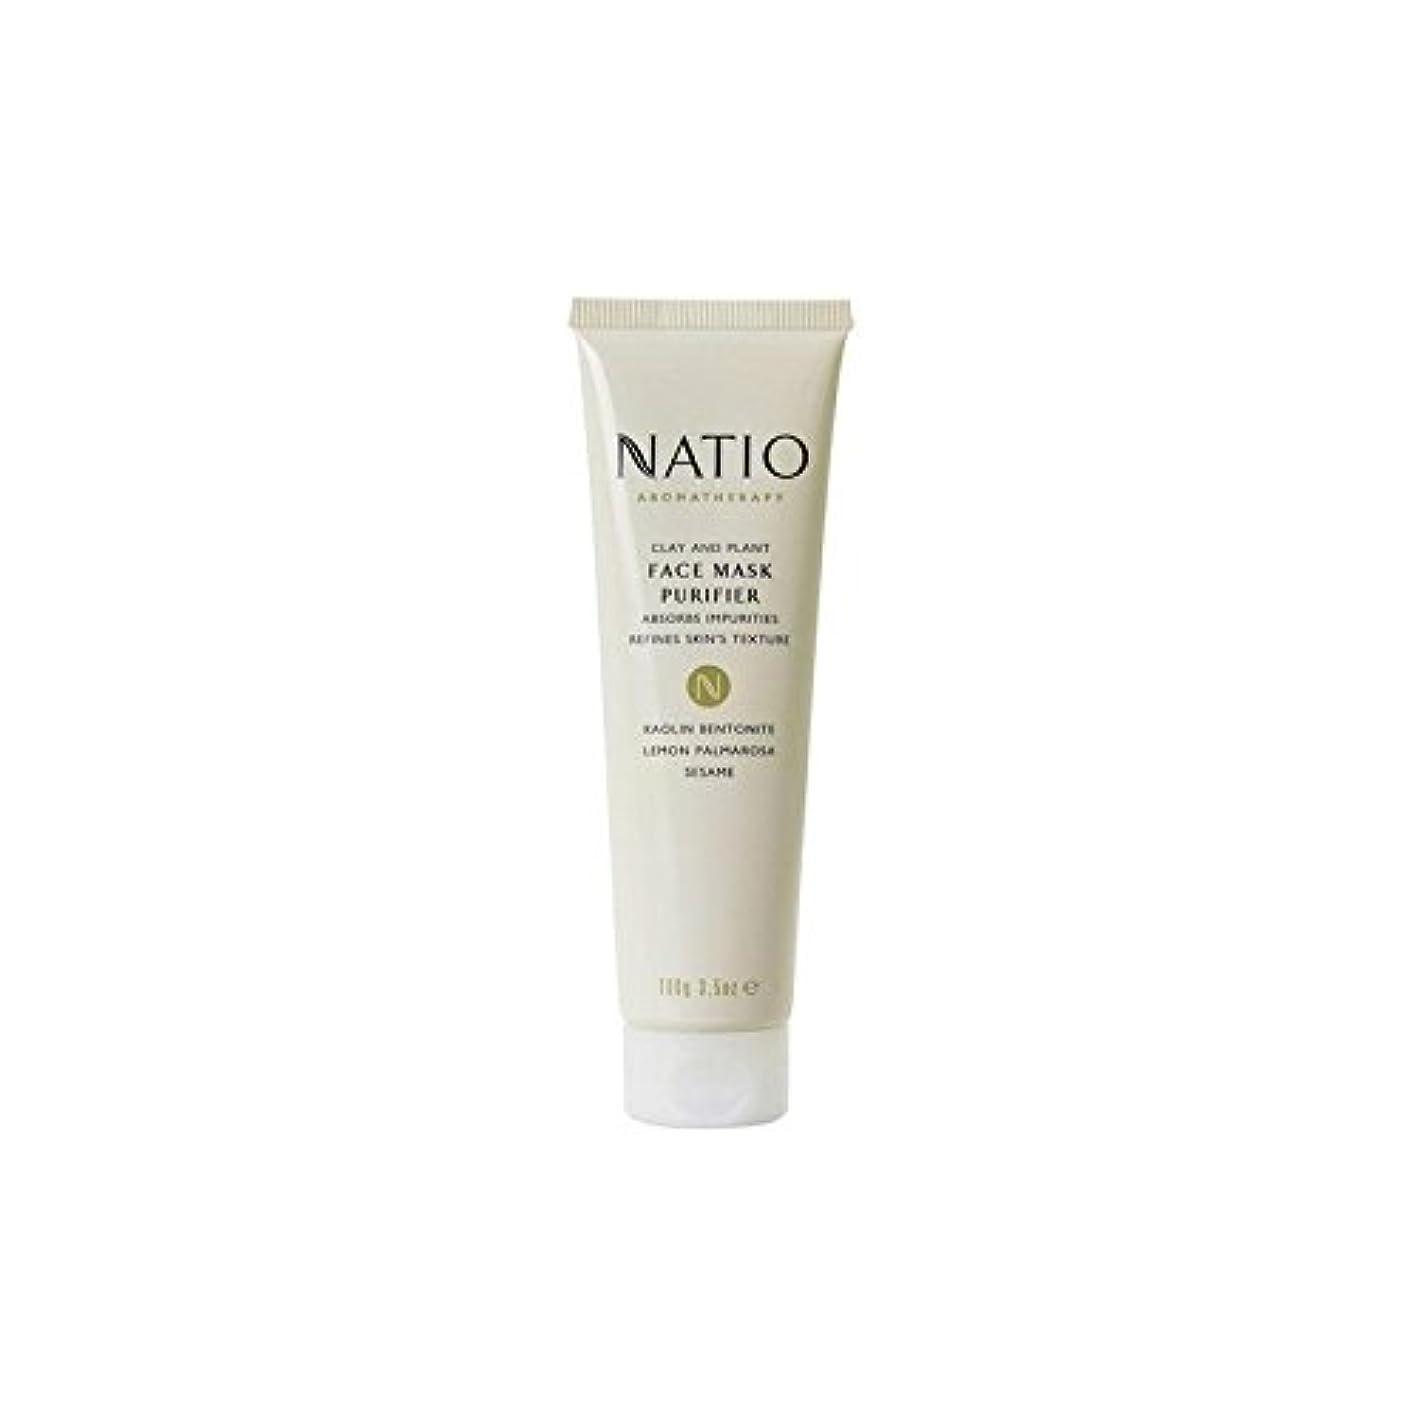 プロポーショナル敬意を表する野生粘土&植物フェイスマスクの浄化(100グラム) x2 - Natio Clay & Plant Face Mask Purifier (100G) (Pack of 2) [並行輸入品]